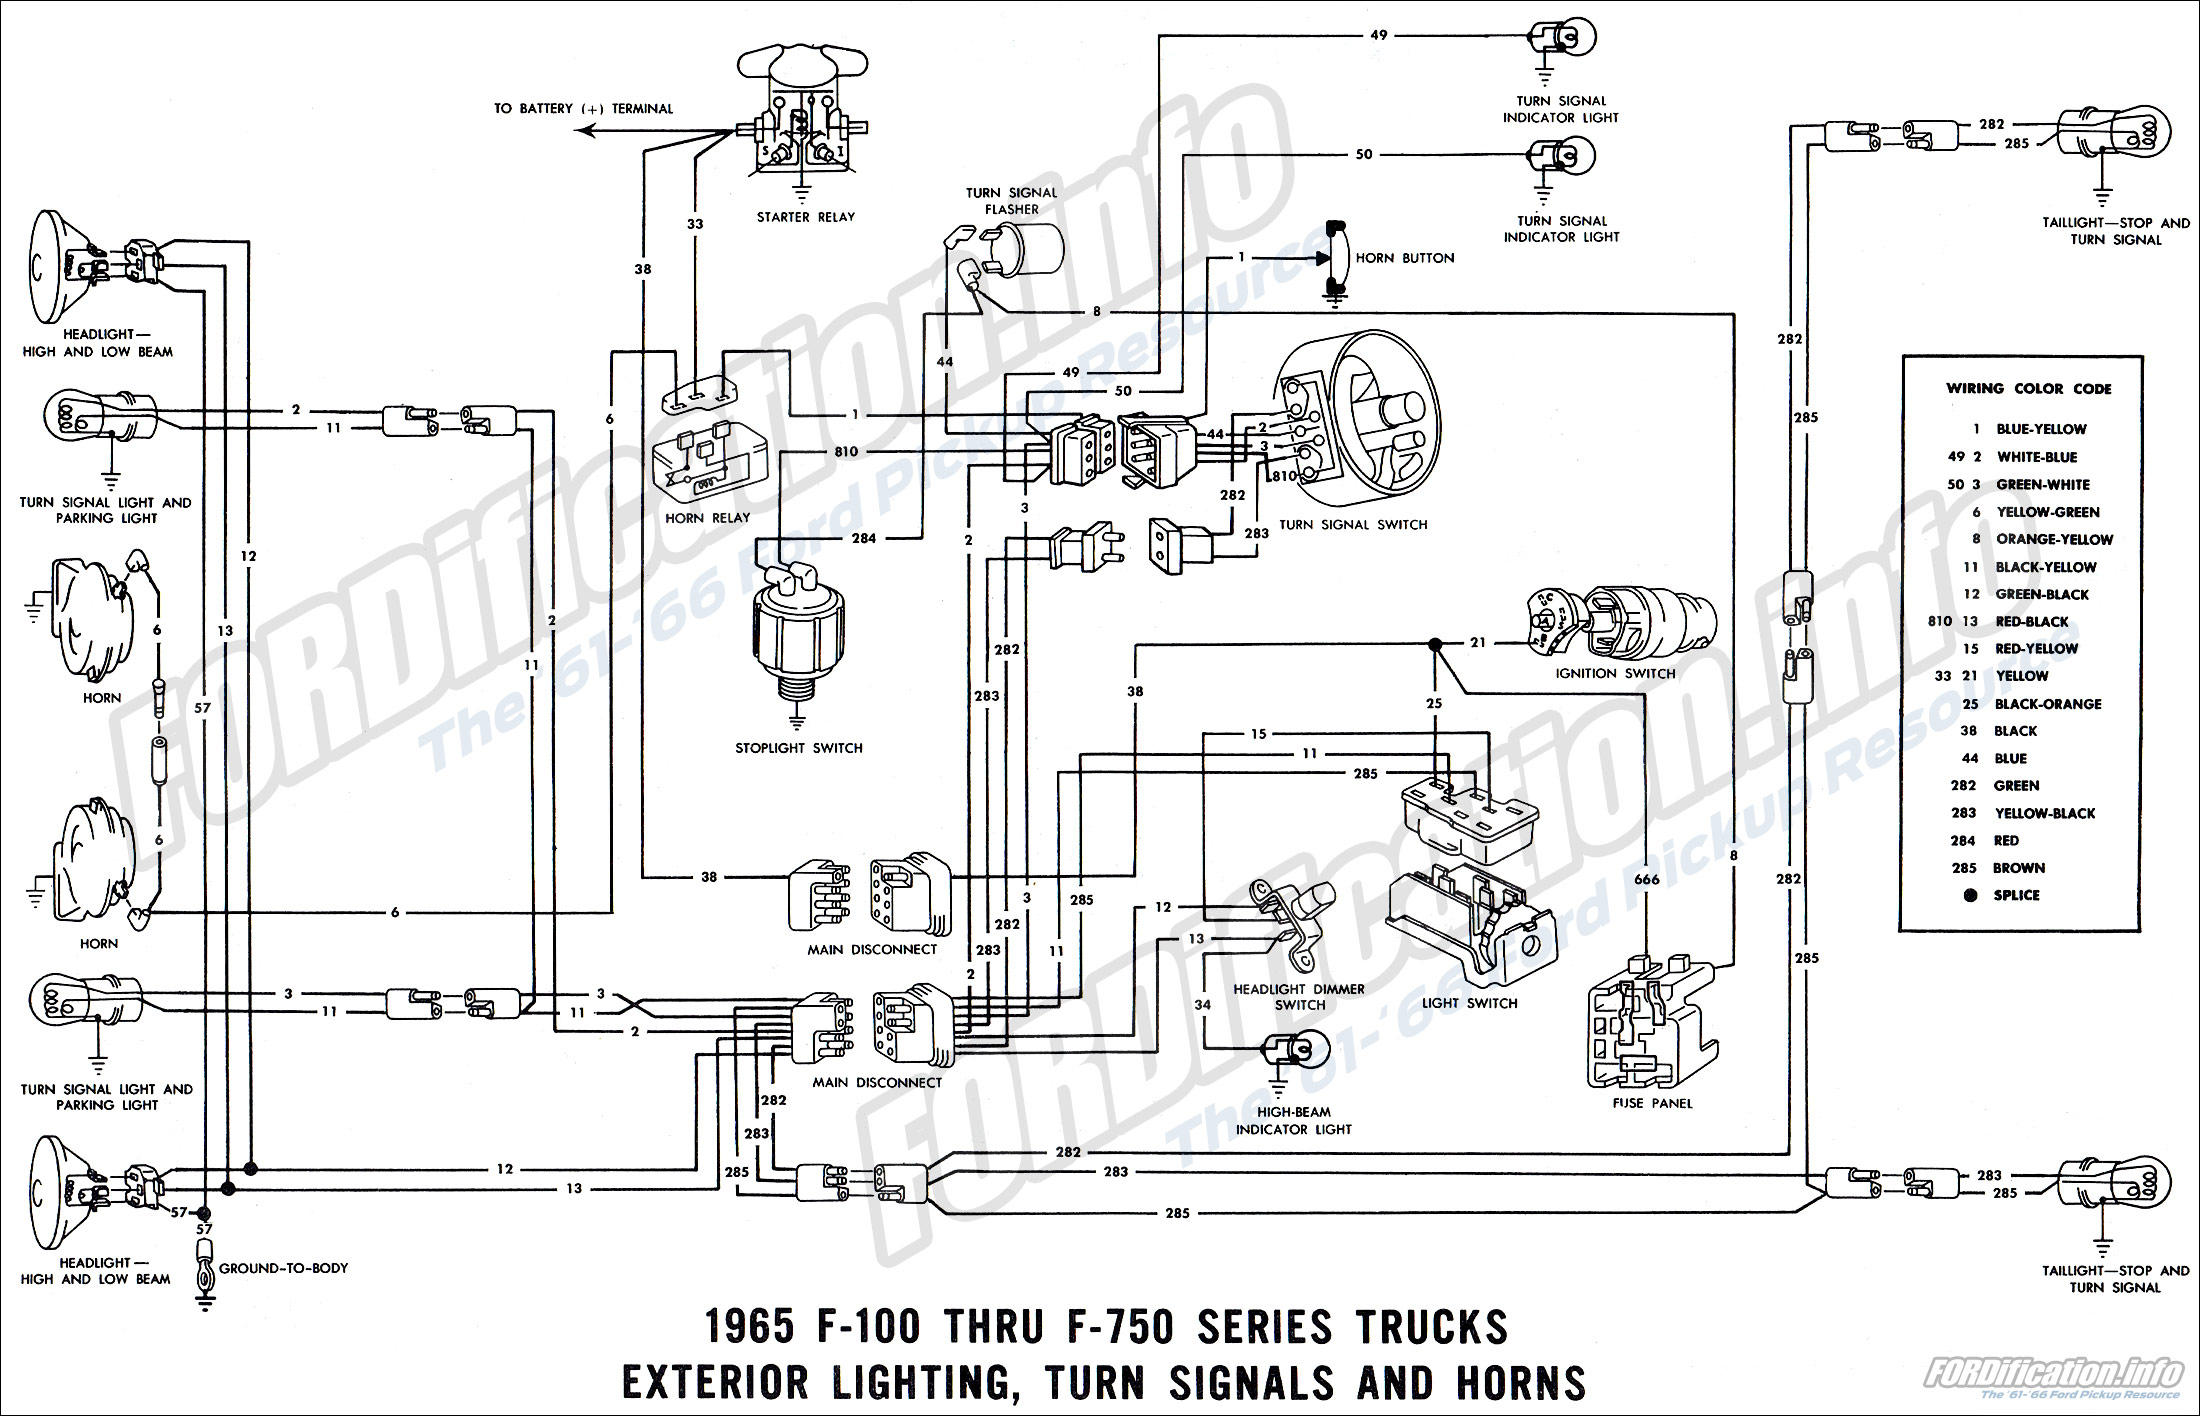 1953 Ford Mainline Wiring Diagram Schematic Diagrams 1968 Ford Wiring  Diagram 1953 Ford Mainline Wiring Diagram